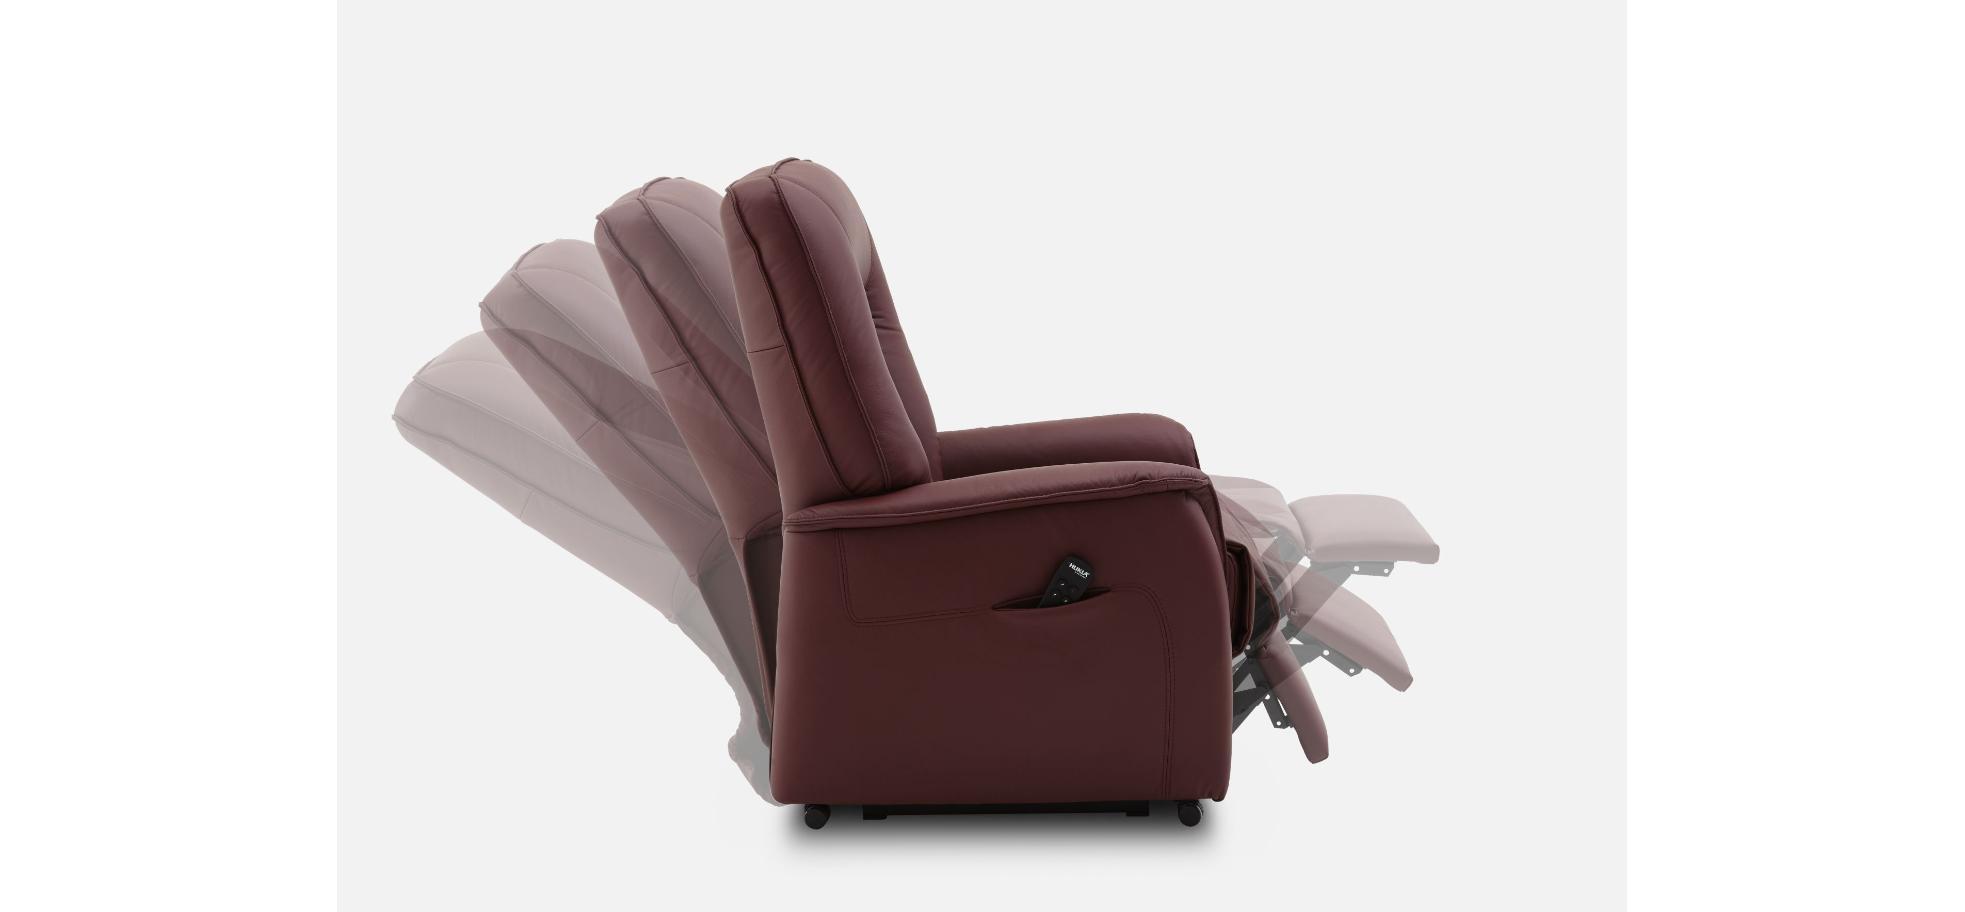 leder relaxsessel mit motor und aufstehhilfe m belhaus pohl wilhelmshaven friesland. Black Bedroom Furniture Sets. Home Design Ideas